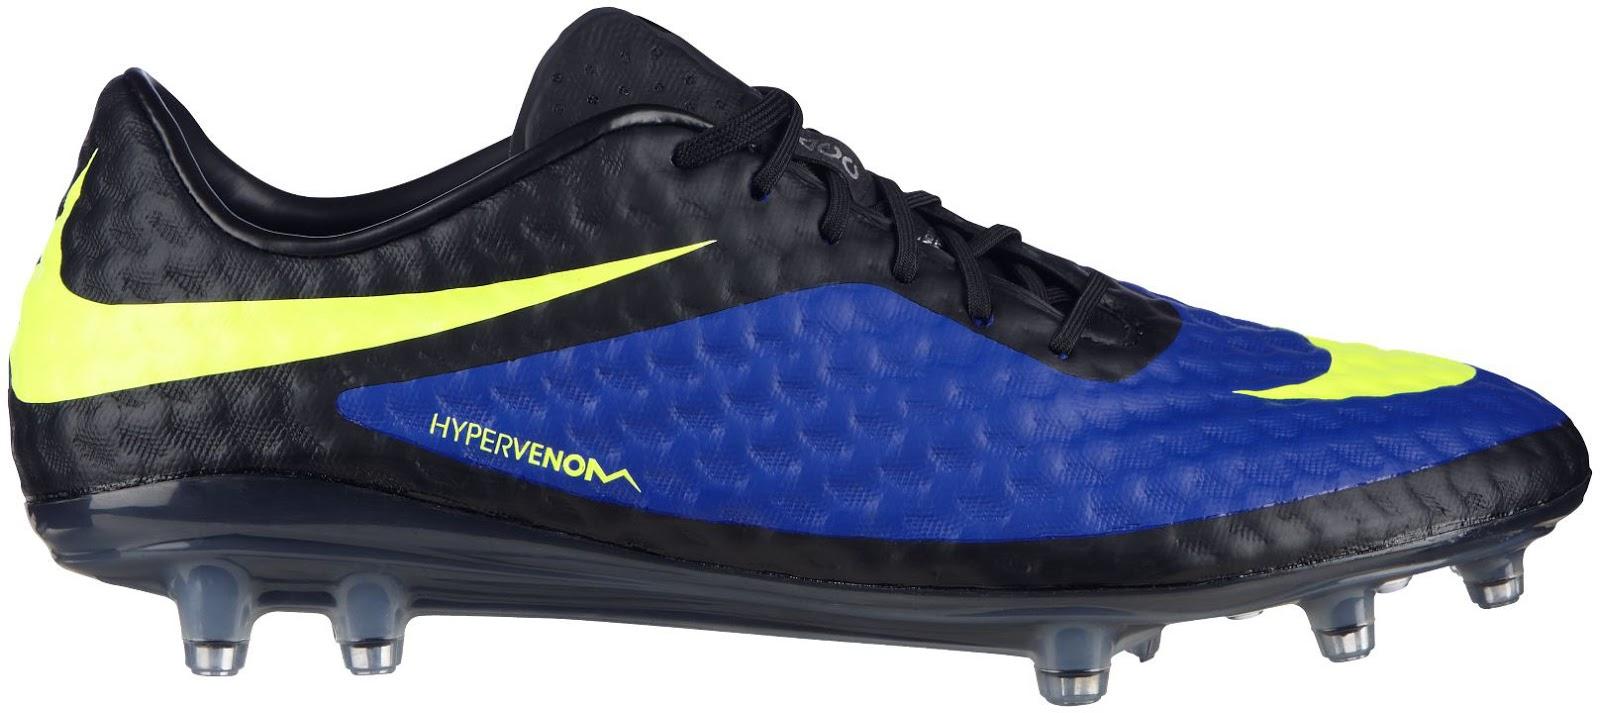 Nike Hypervenom Phantom Hyper Blue 2014 Boot Released